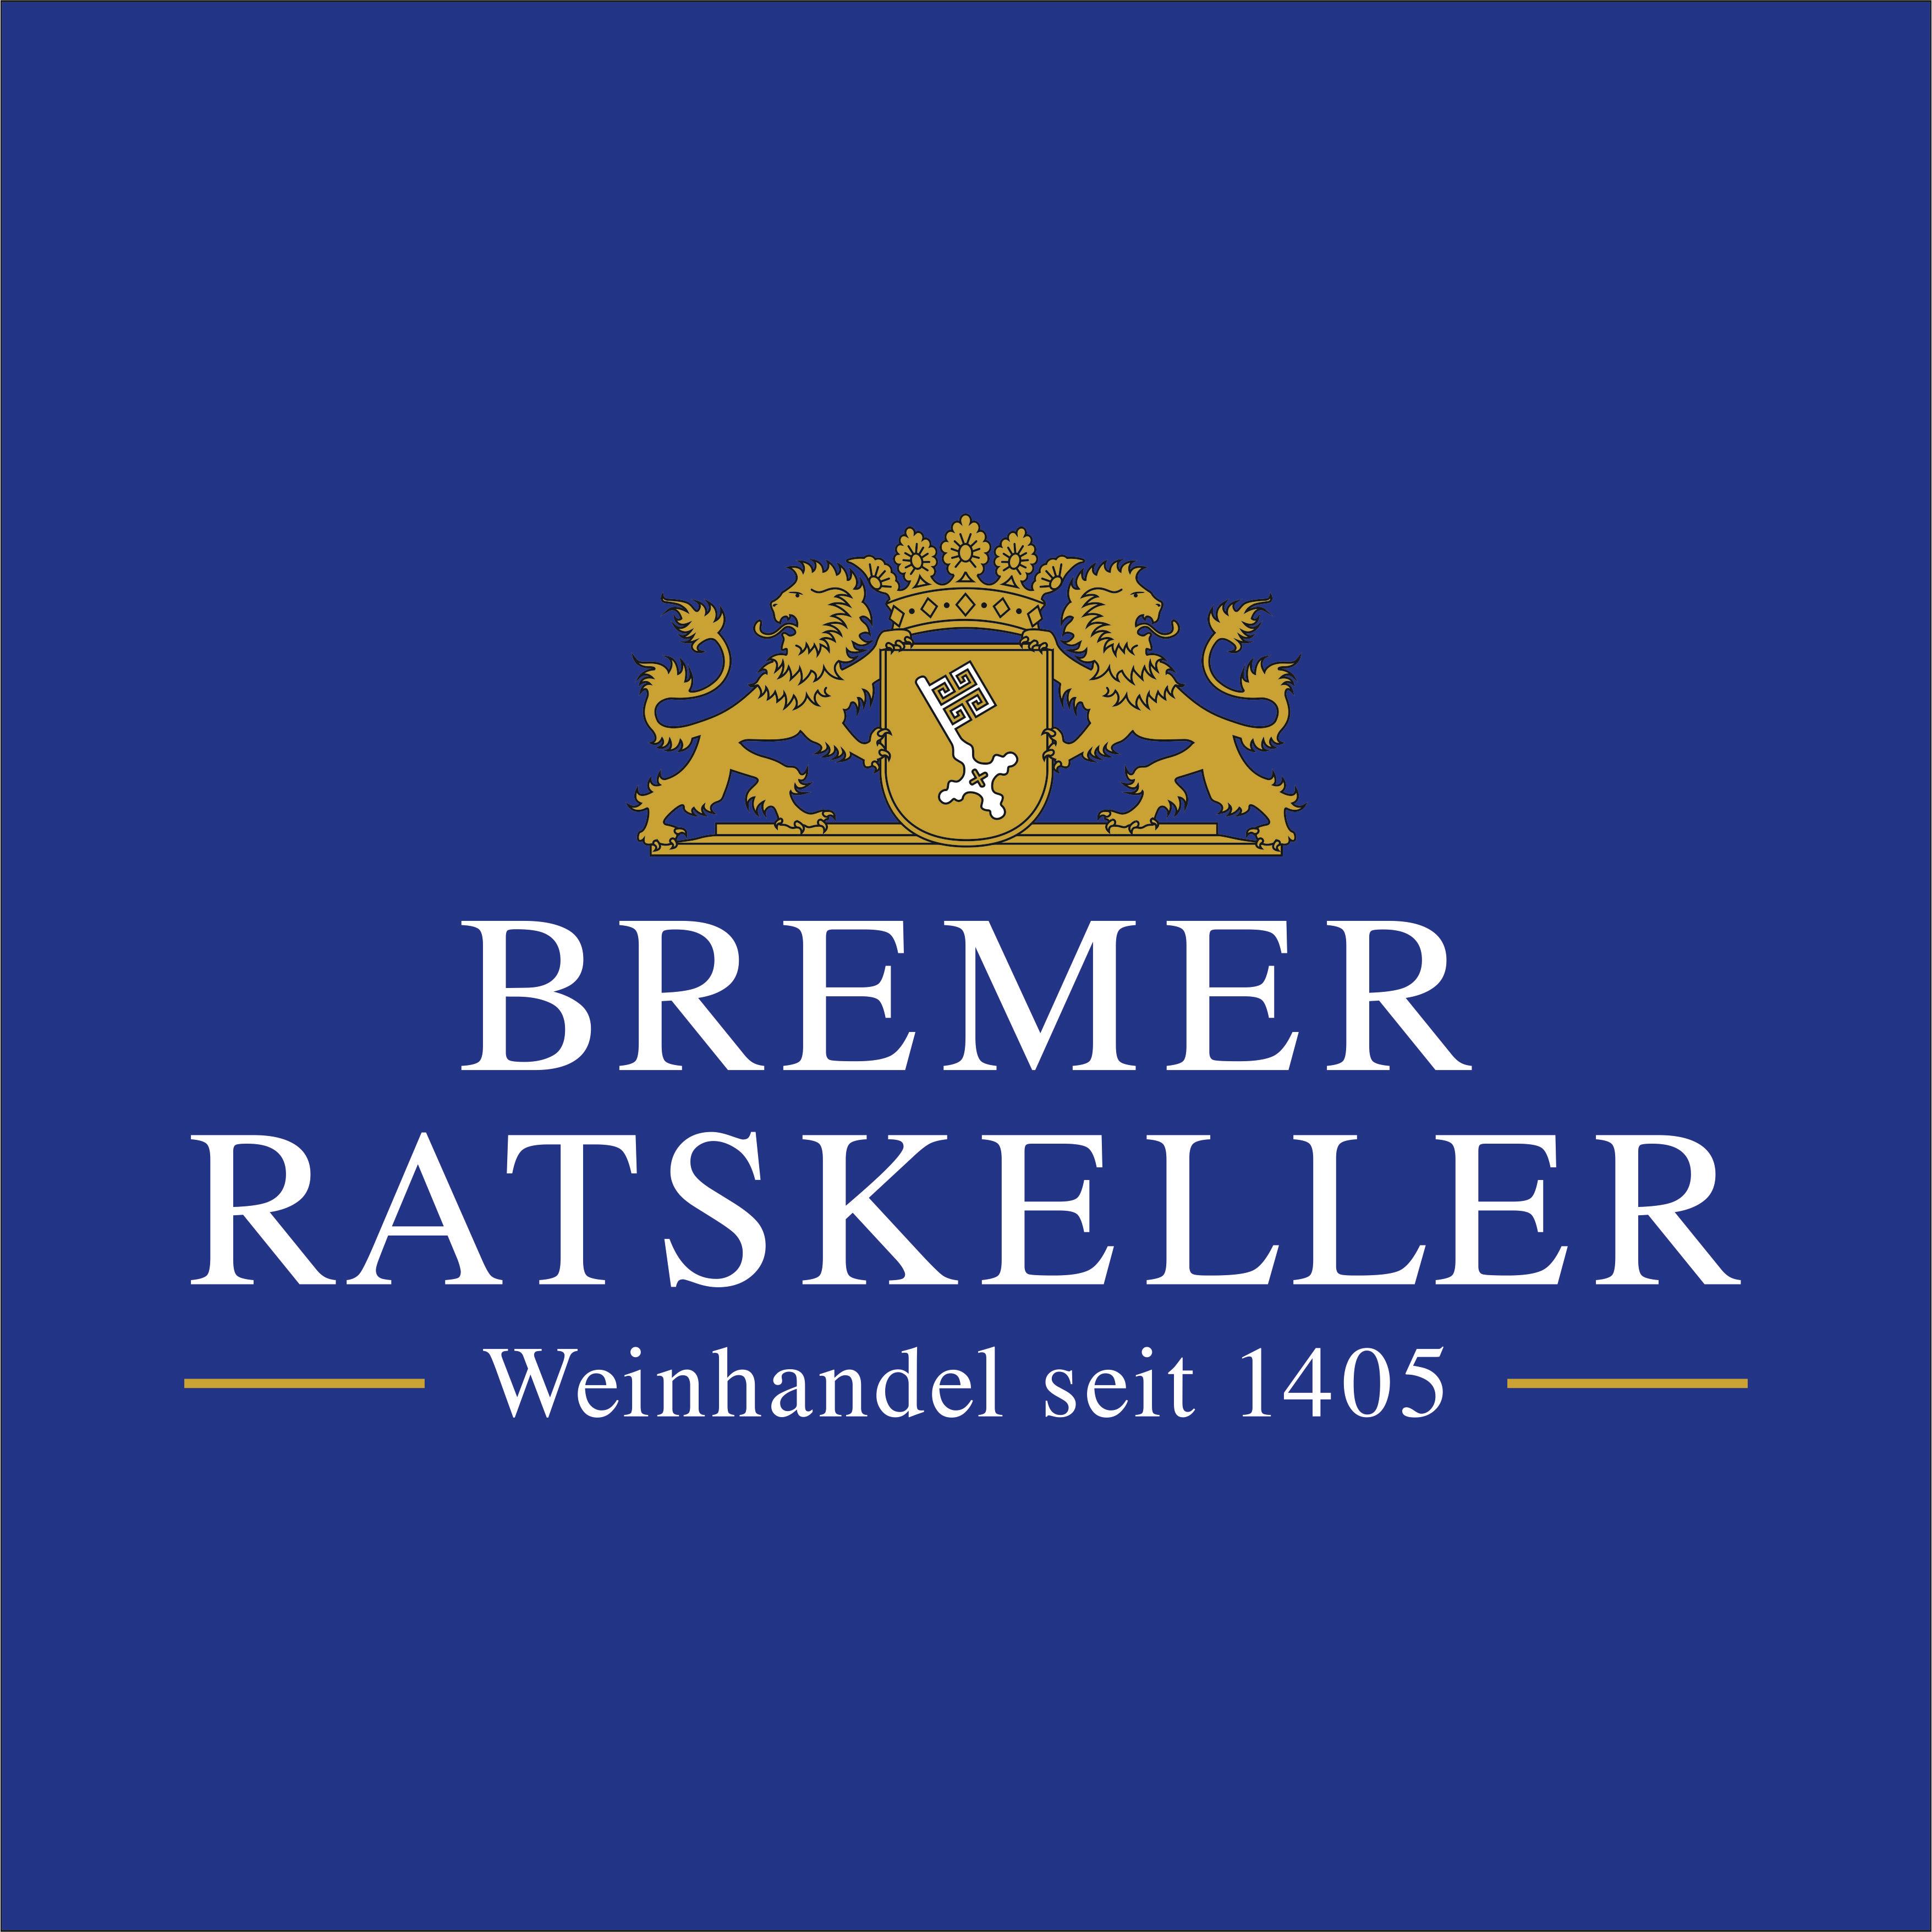 Bremer Ratskeller – Weinhandel seit 1405